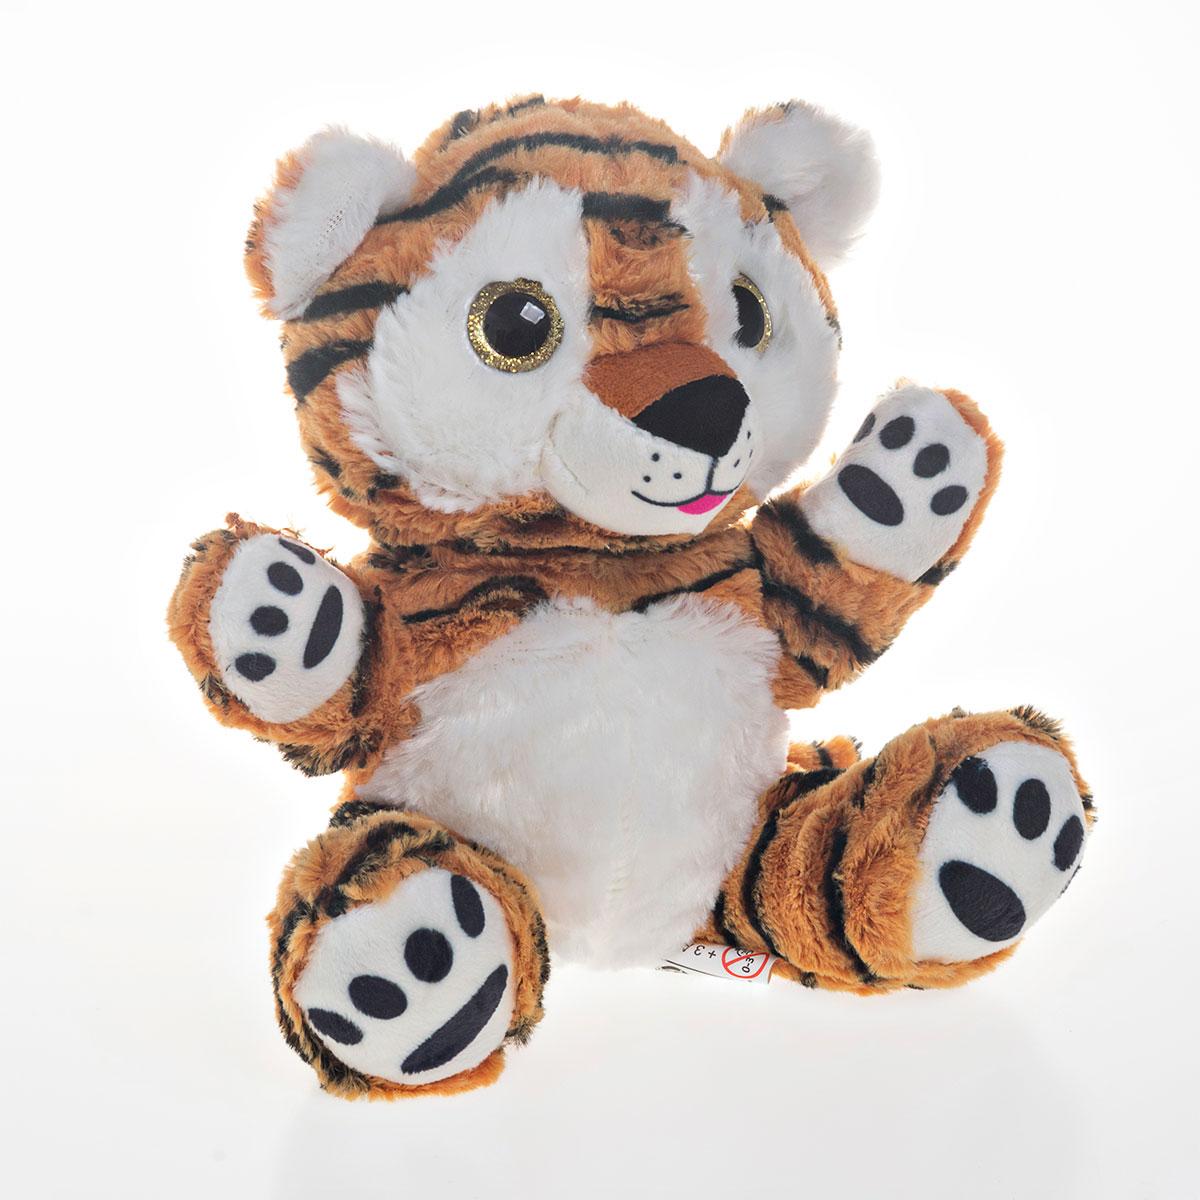 Tigre de Pelúcia Com Olhos Brilhantes 19cm Sentado